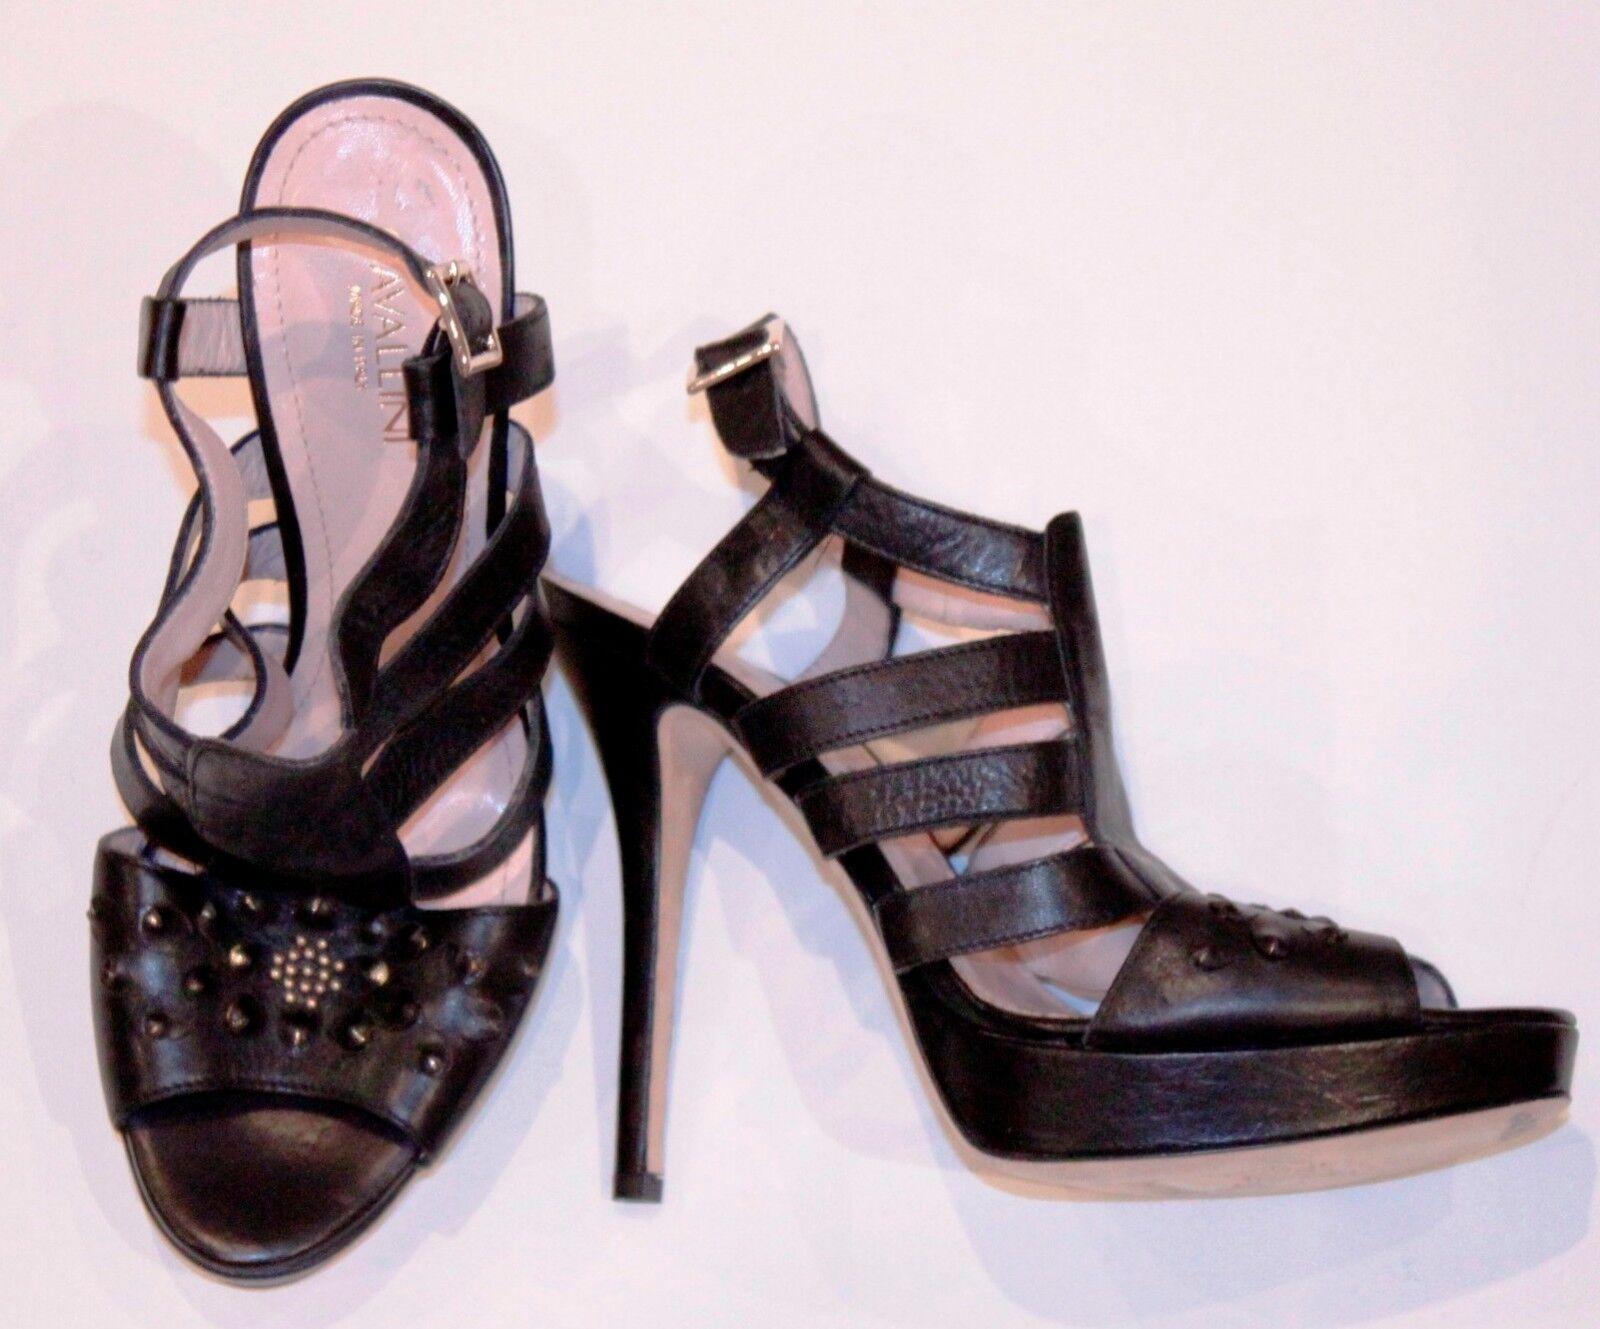 Cavallini Talón Sandalias zapatos de plataforma de de de Italia Negro 39 8  560 Envío Gratuito  tienda de venta